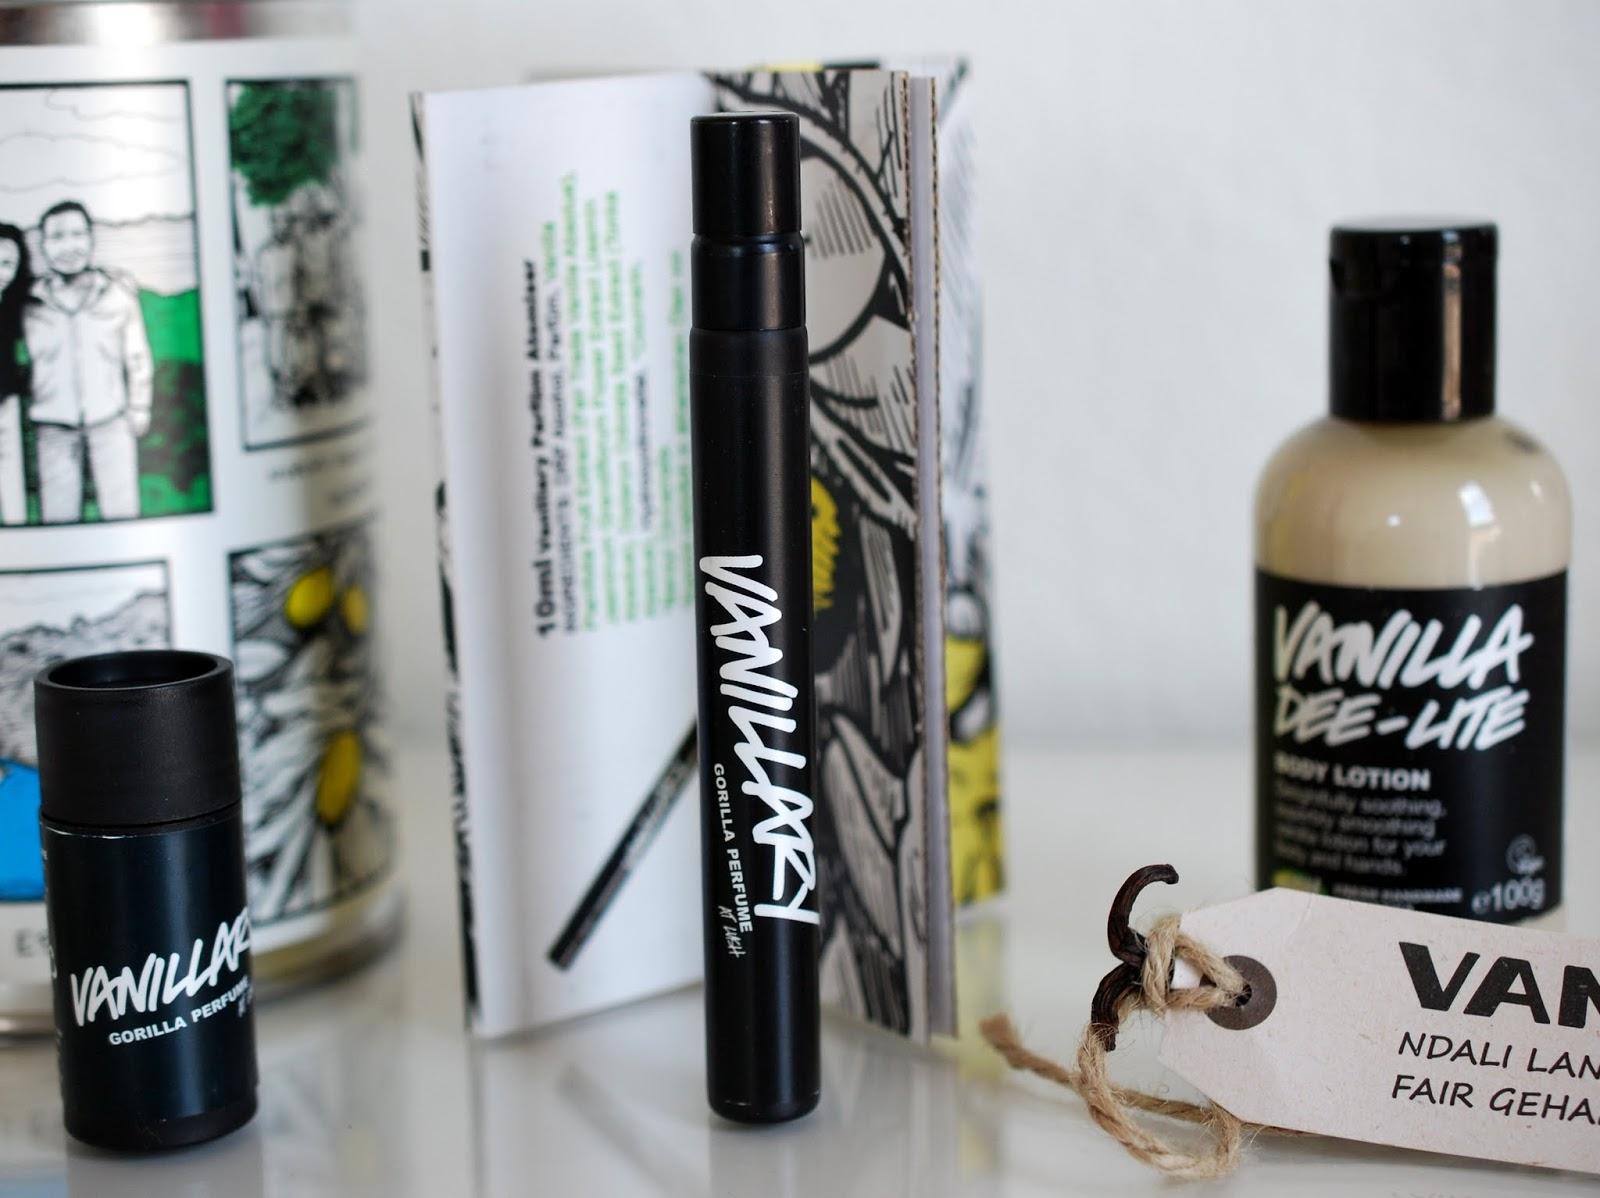 Lush Vanillary Parfum Geschenk